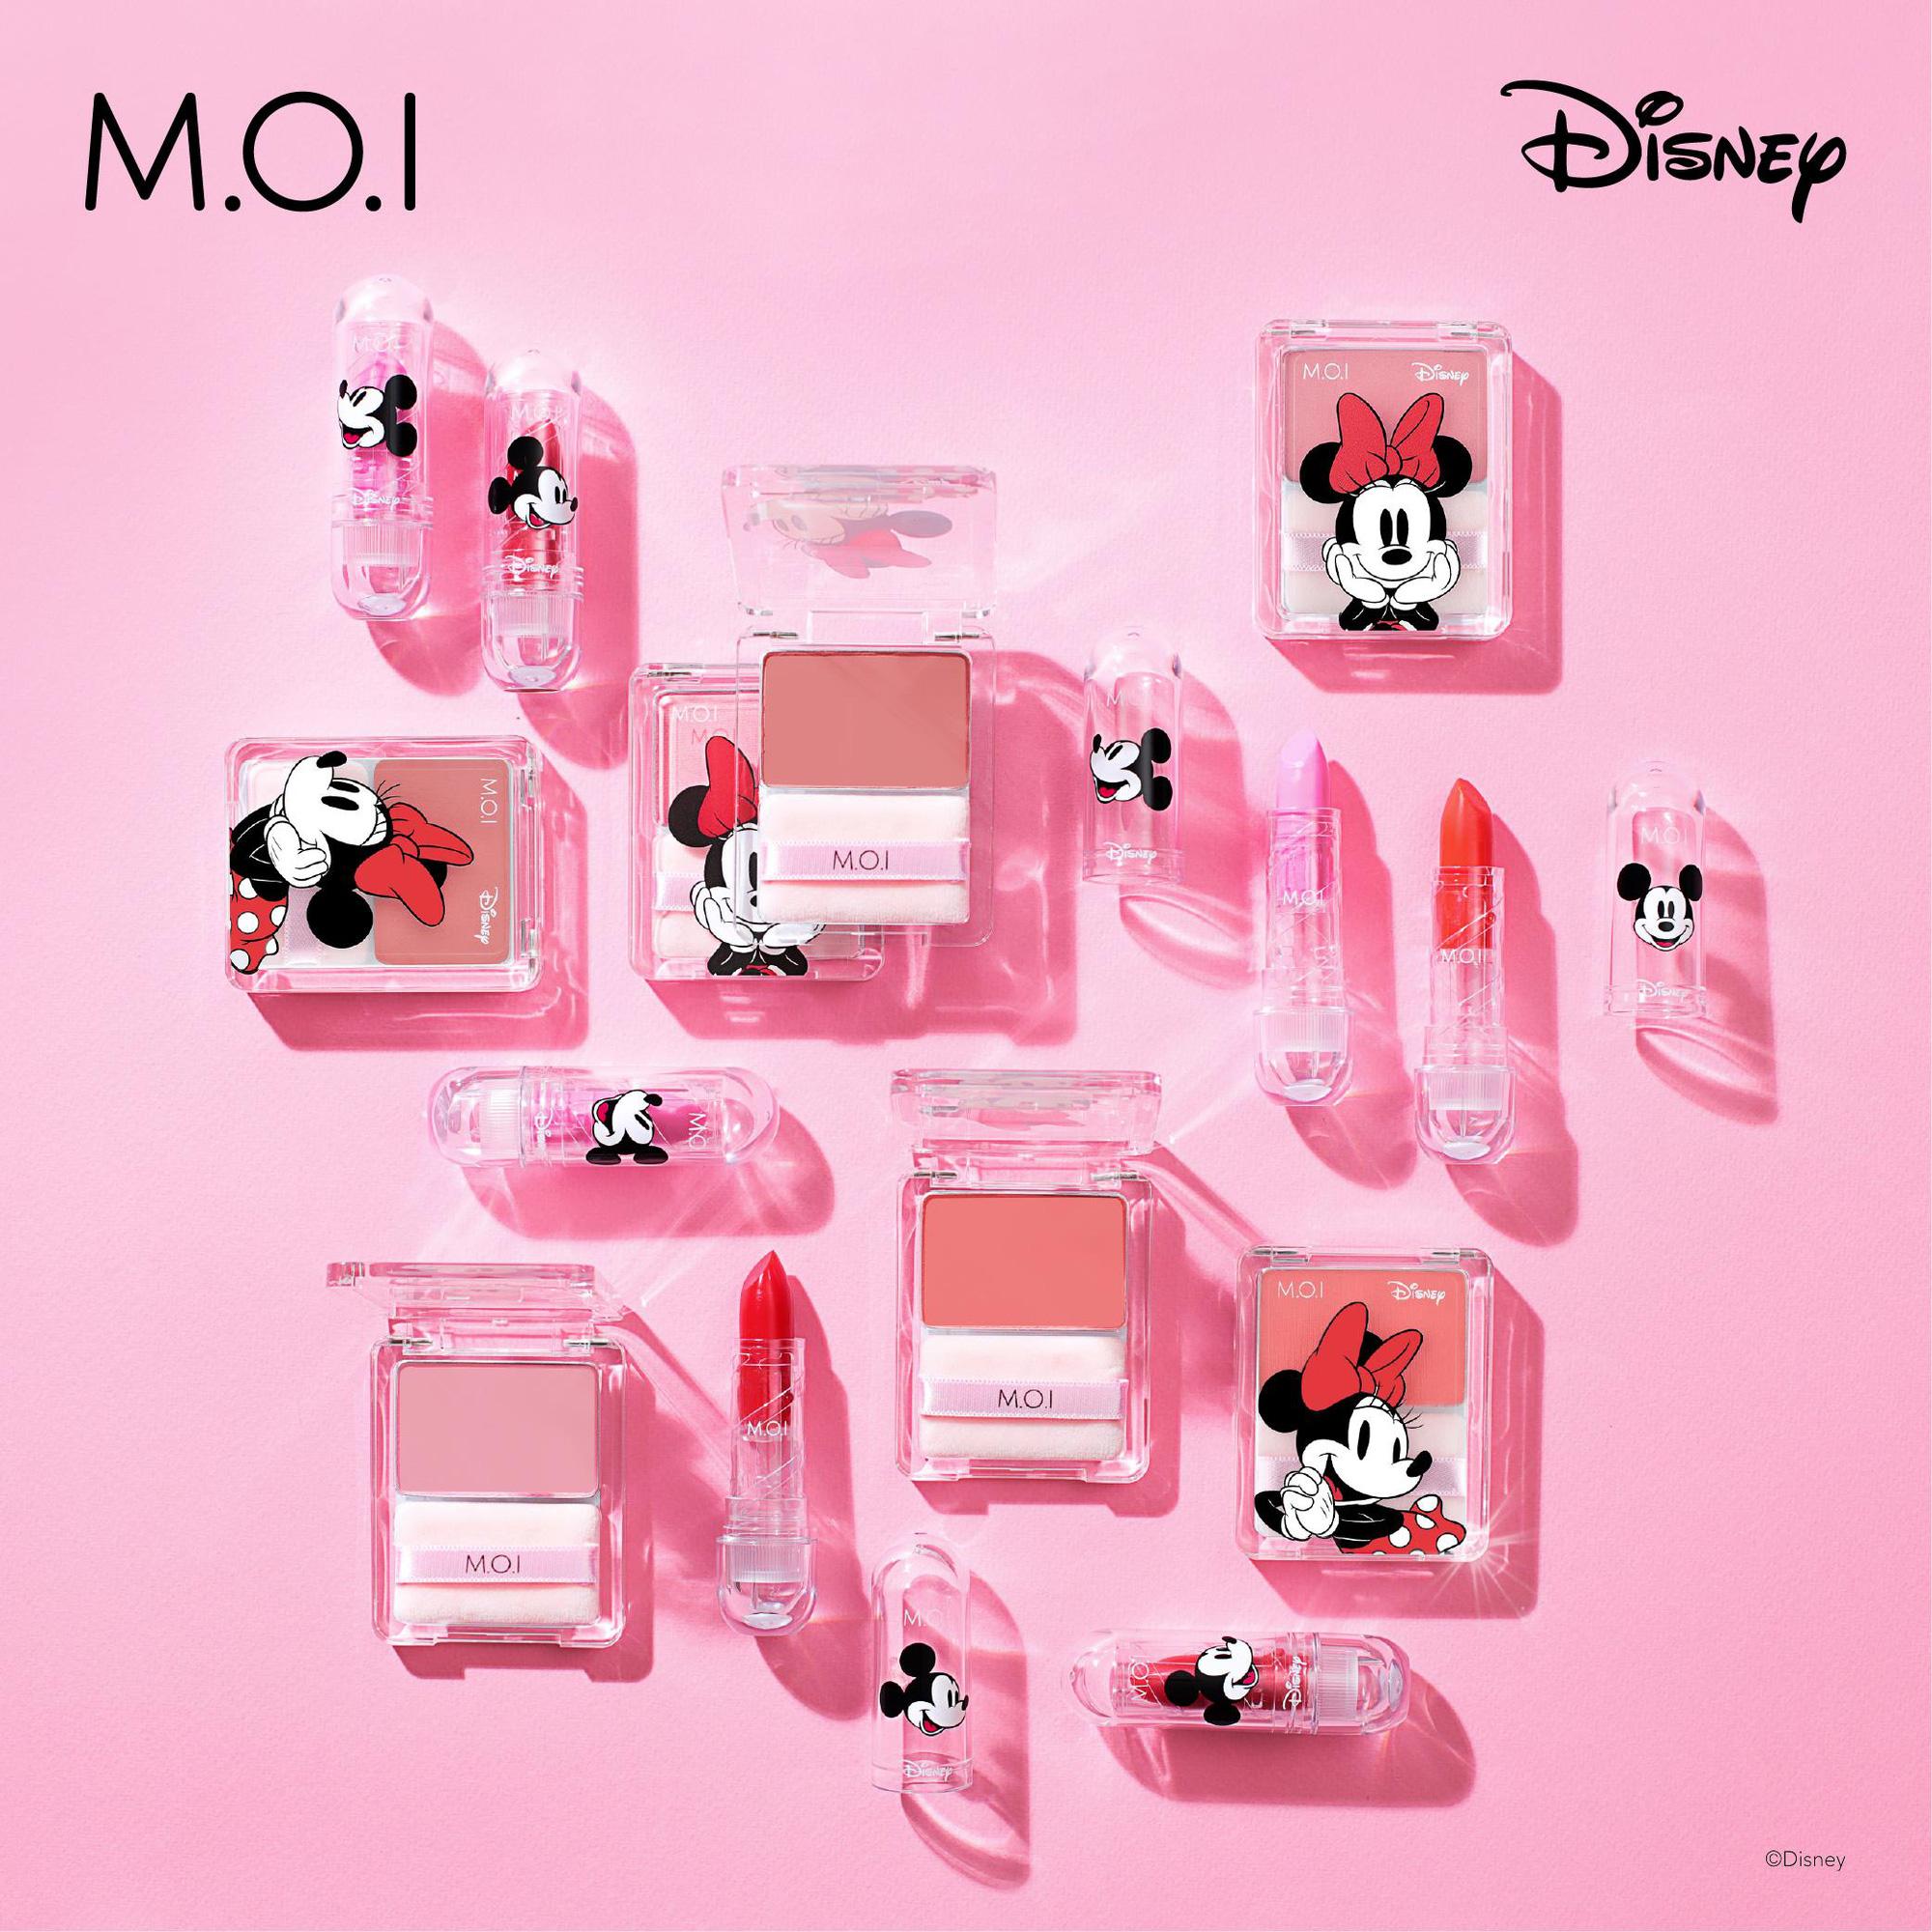 Vì sao BST son phấn M.O.I Cosmetics bắt tay với Disney của Hà Hồ lại khiến hàng loạt sao Việt thả tim ngập trời thế này? - Ảnh 1.